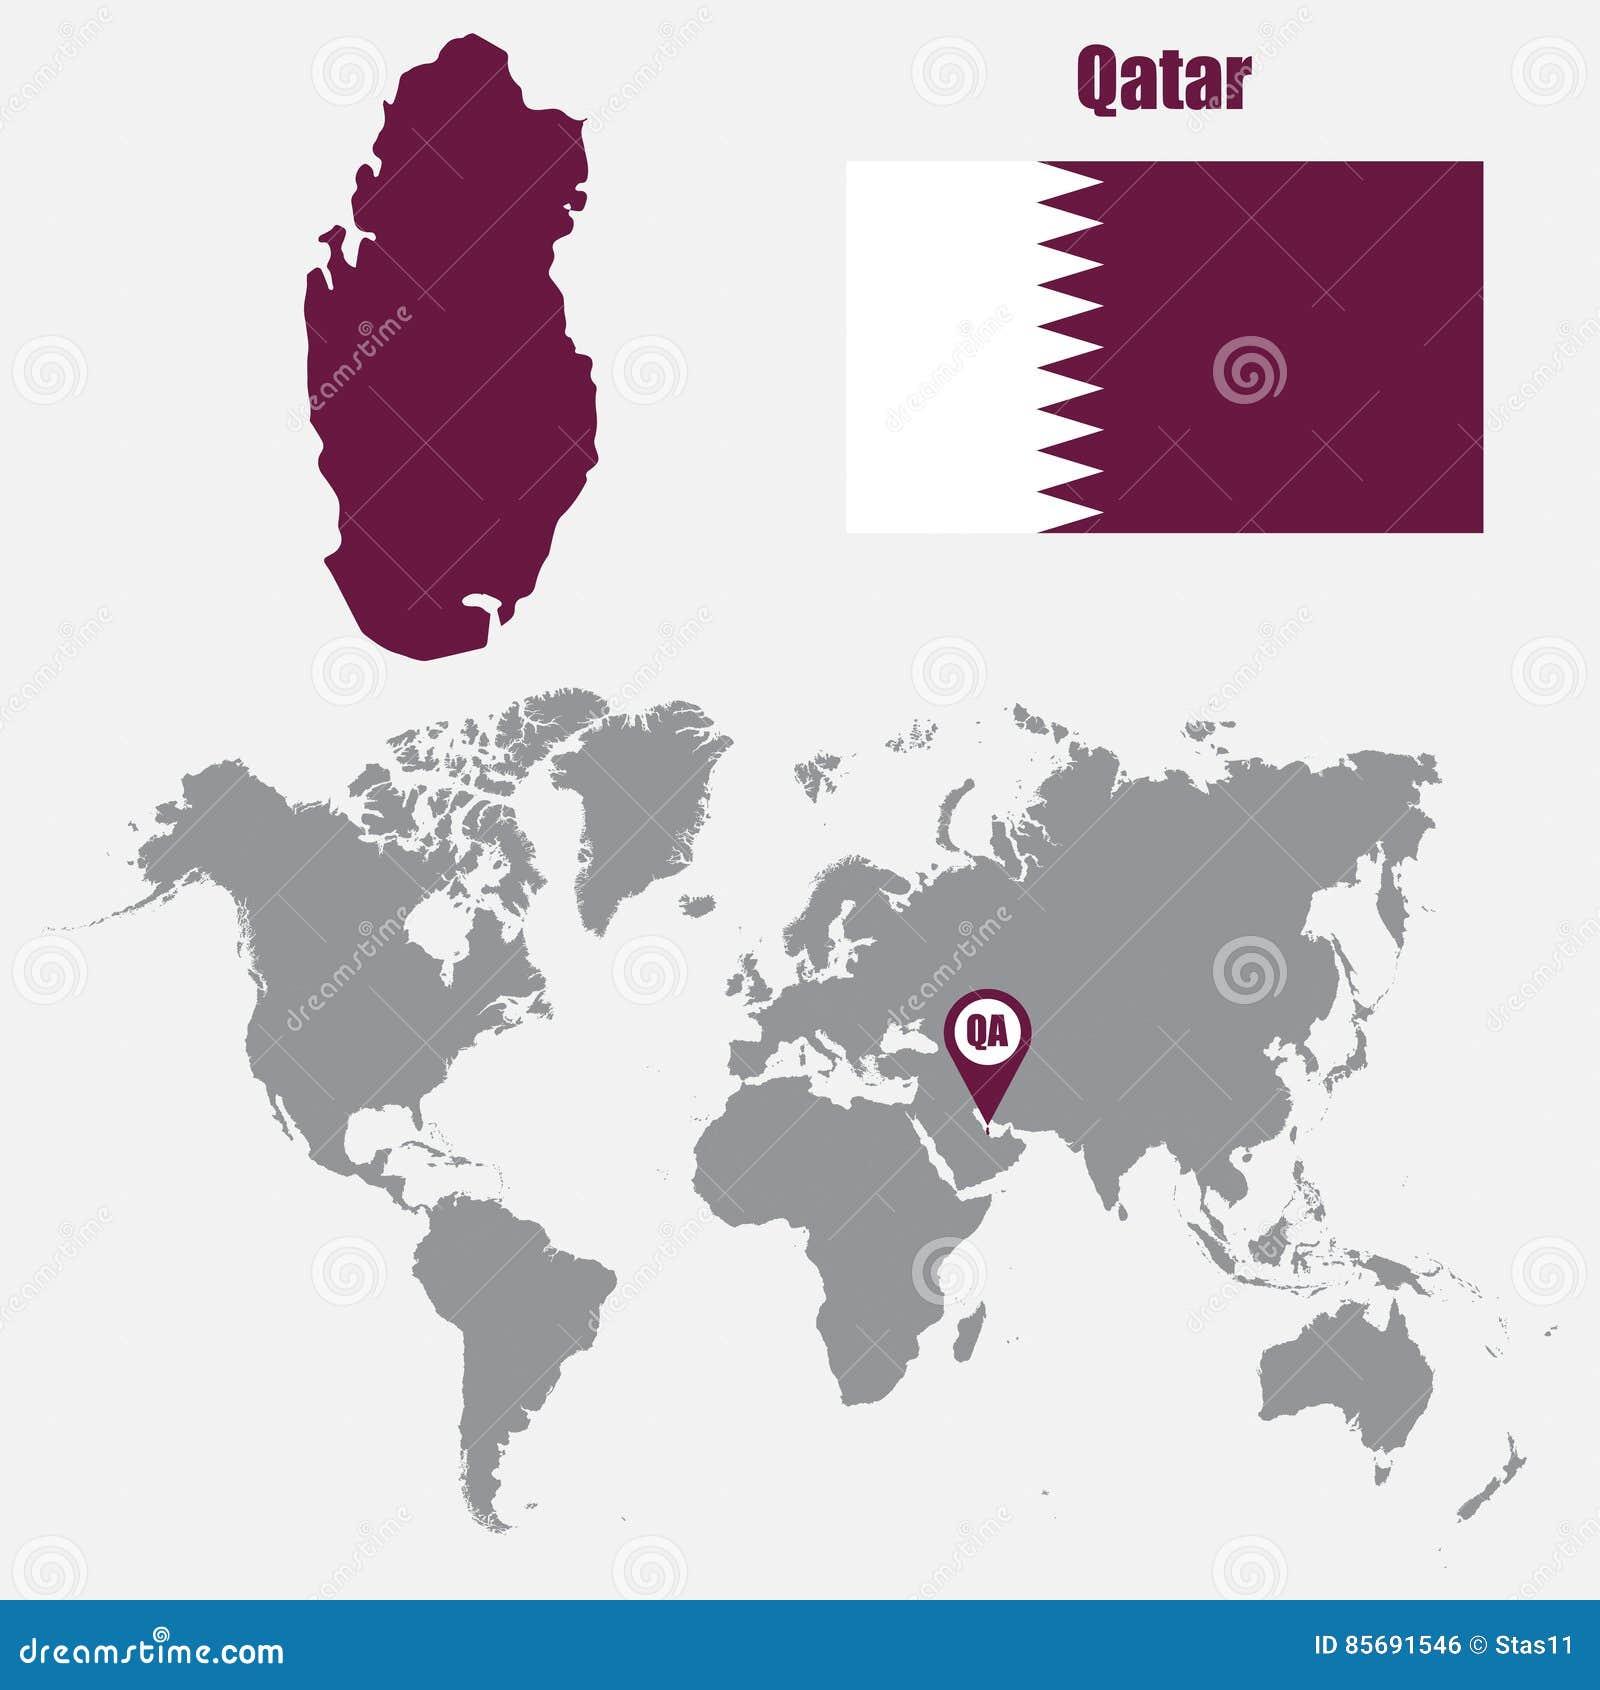 Carte Du Monde Qatar.Carte Du Qatar Sur Une Carte Du Monde Avec L Indicateur De Drapeau